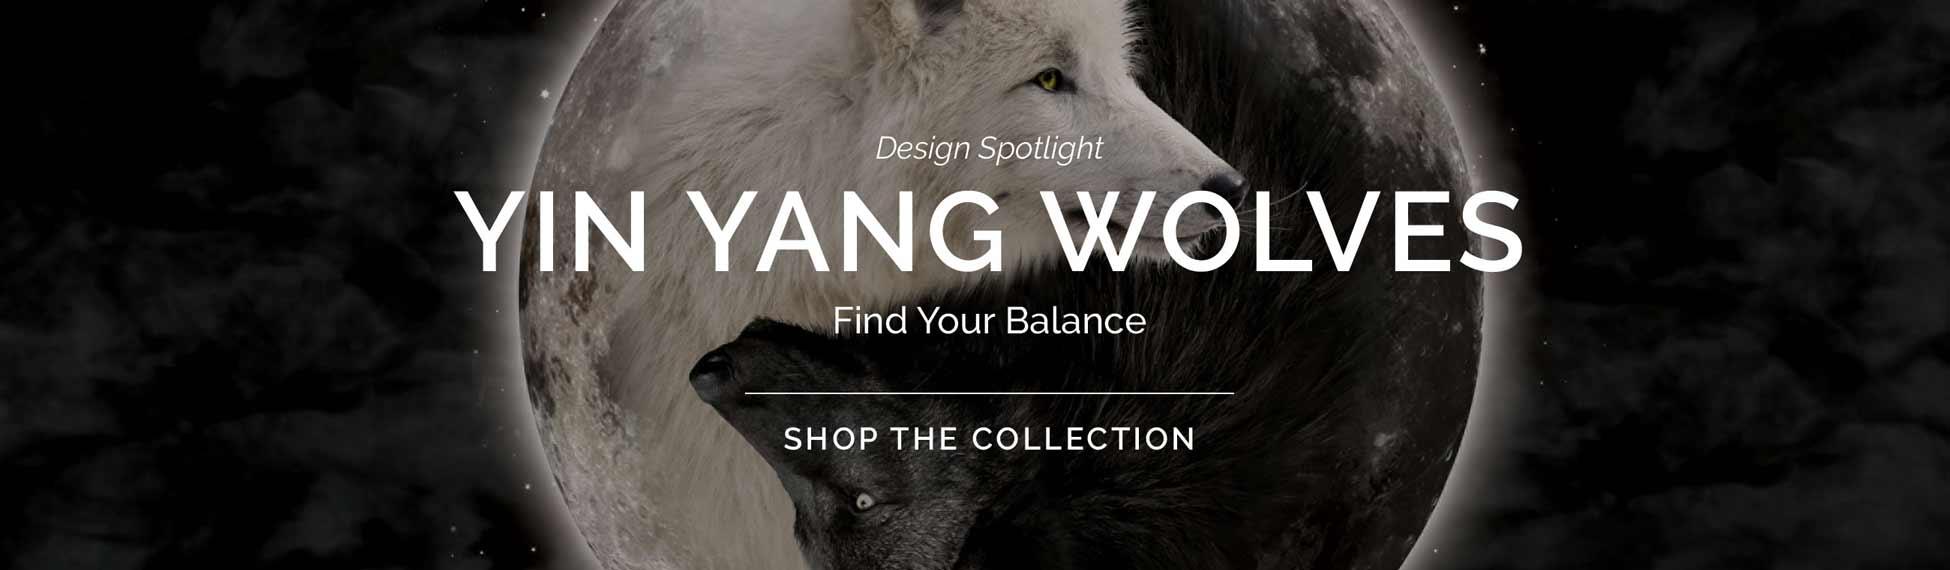 Shop The Mountain Big Face Panda Collection